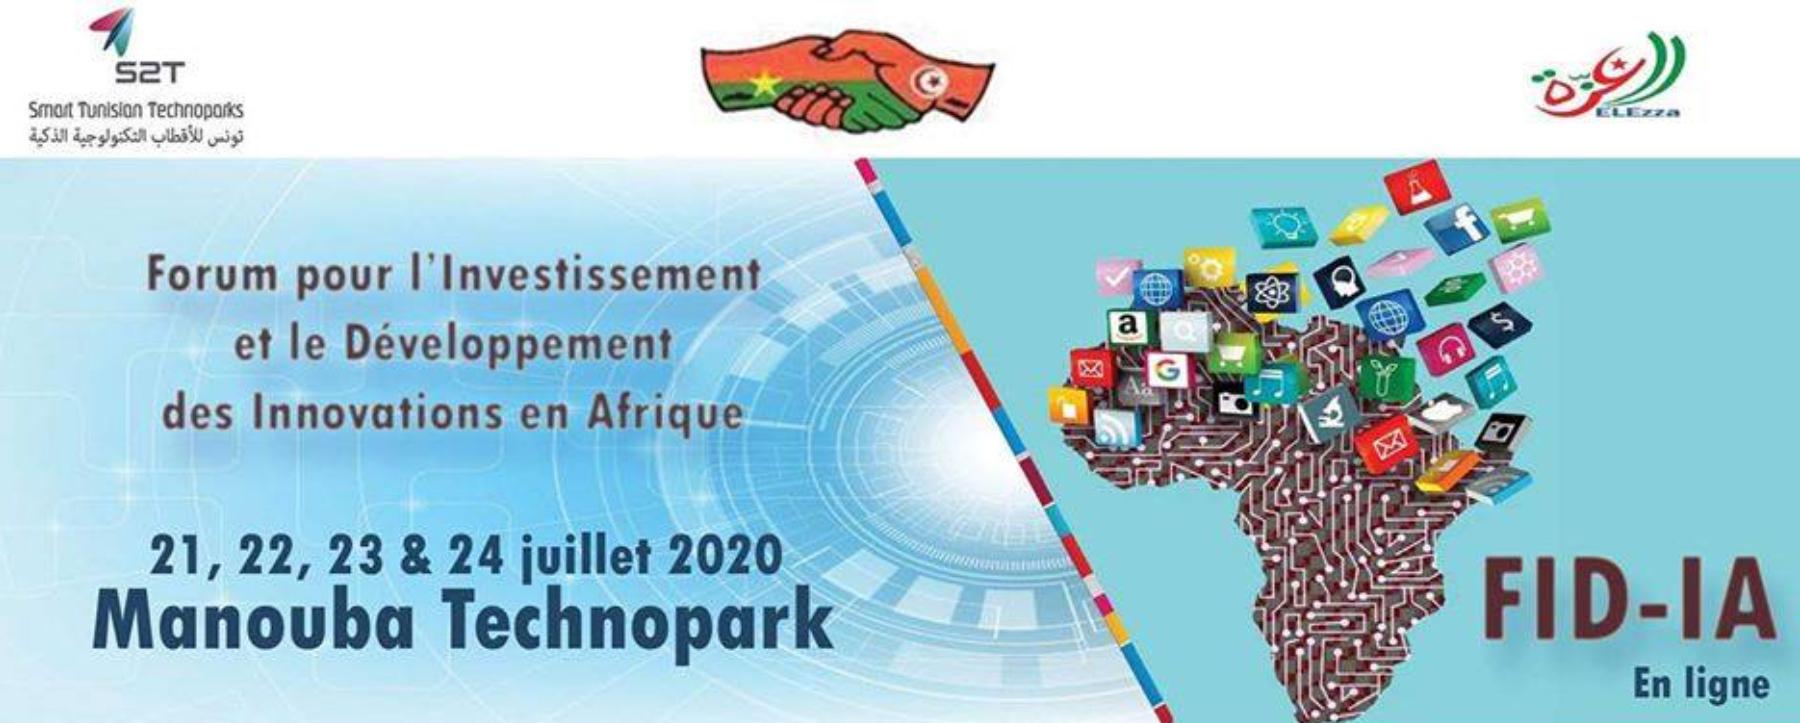 Forum pour l'Investissement et le Développement de l'innovation en Afrique